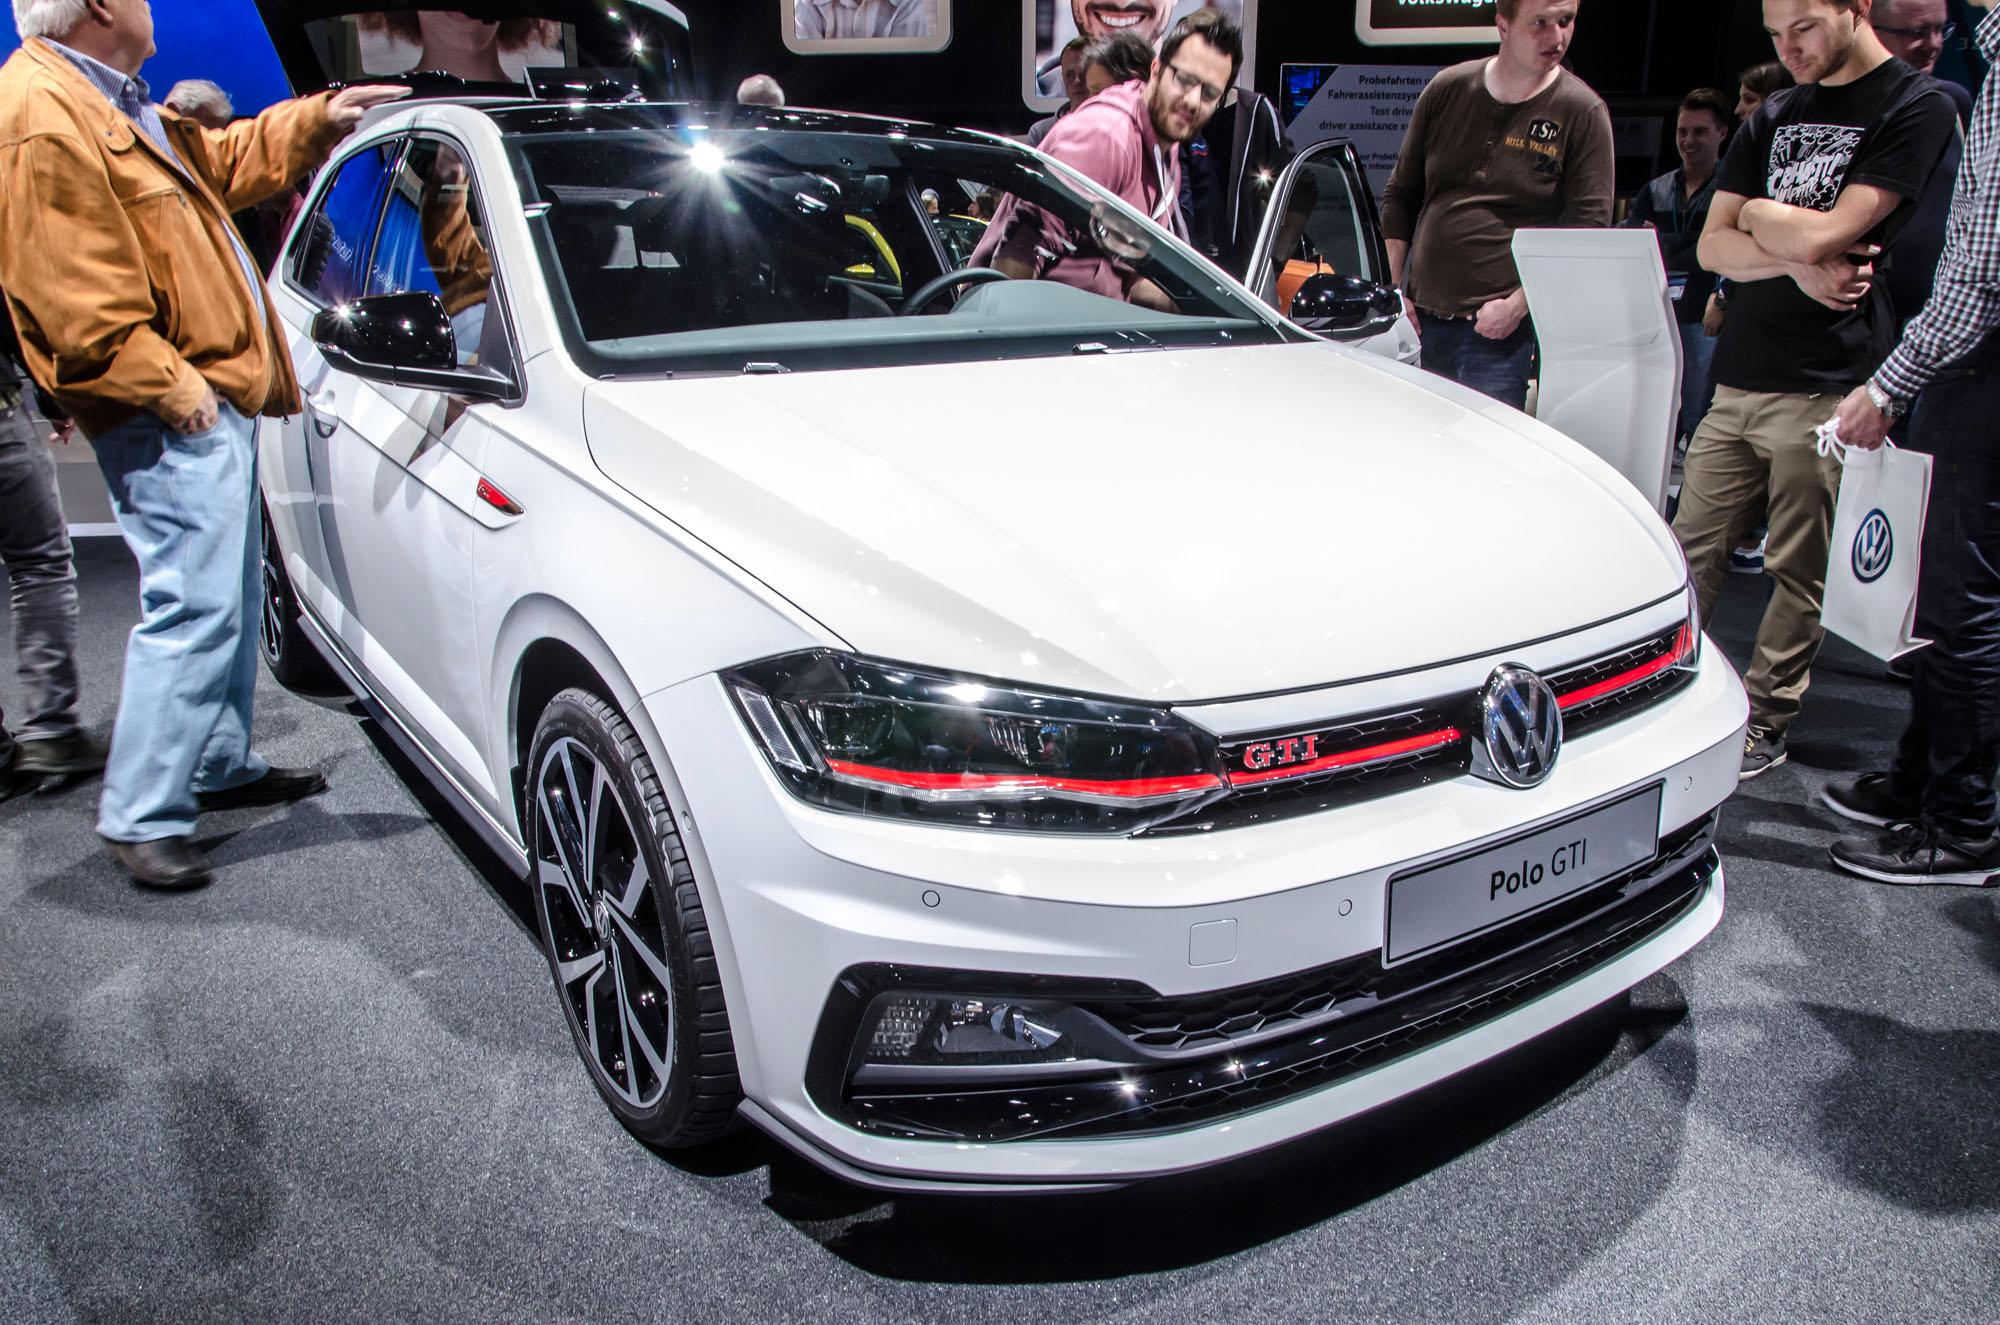 Der Neue im Bunde: Als GTI durfte der VW Polo nahe bei den großen Brüdern stehen.